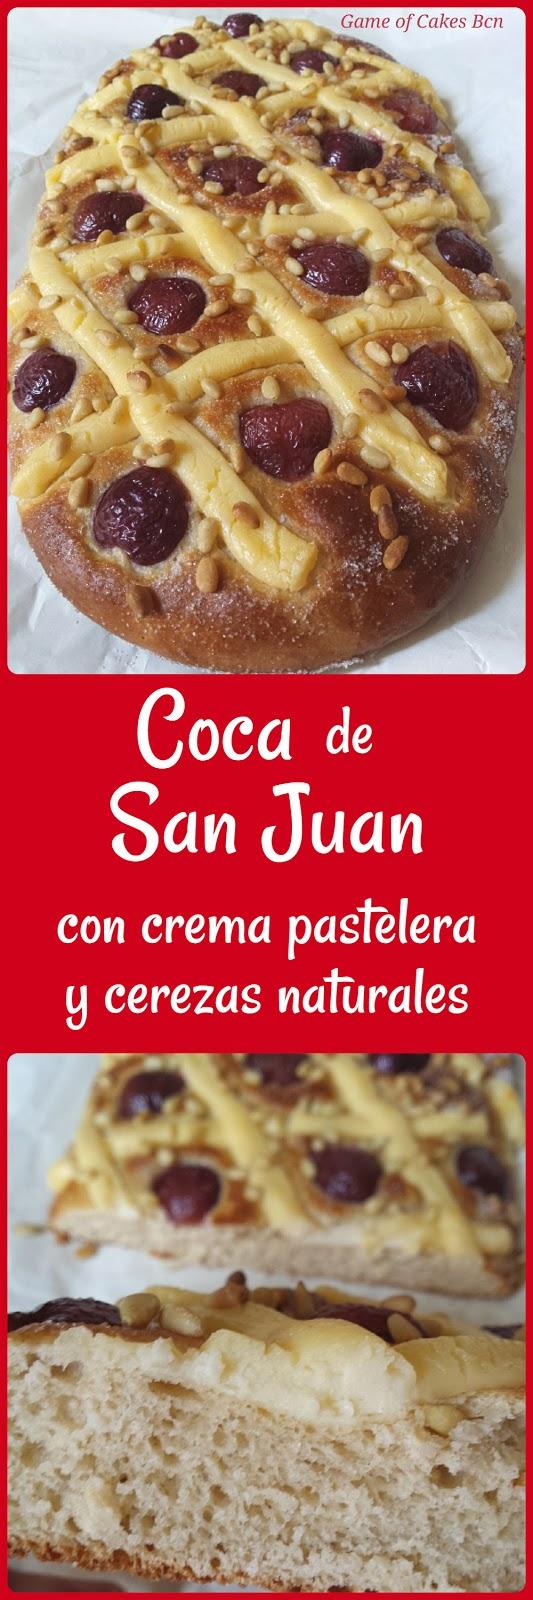 Coca de San Juan con crema pastelera y cerezas naturales, coca de sant joan, Game of Cakes Bcn